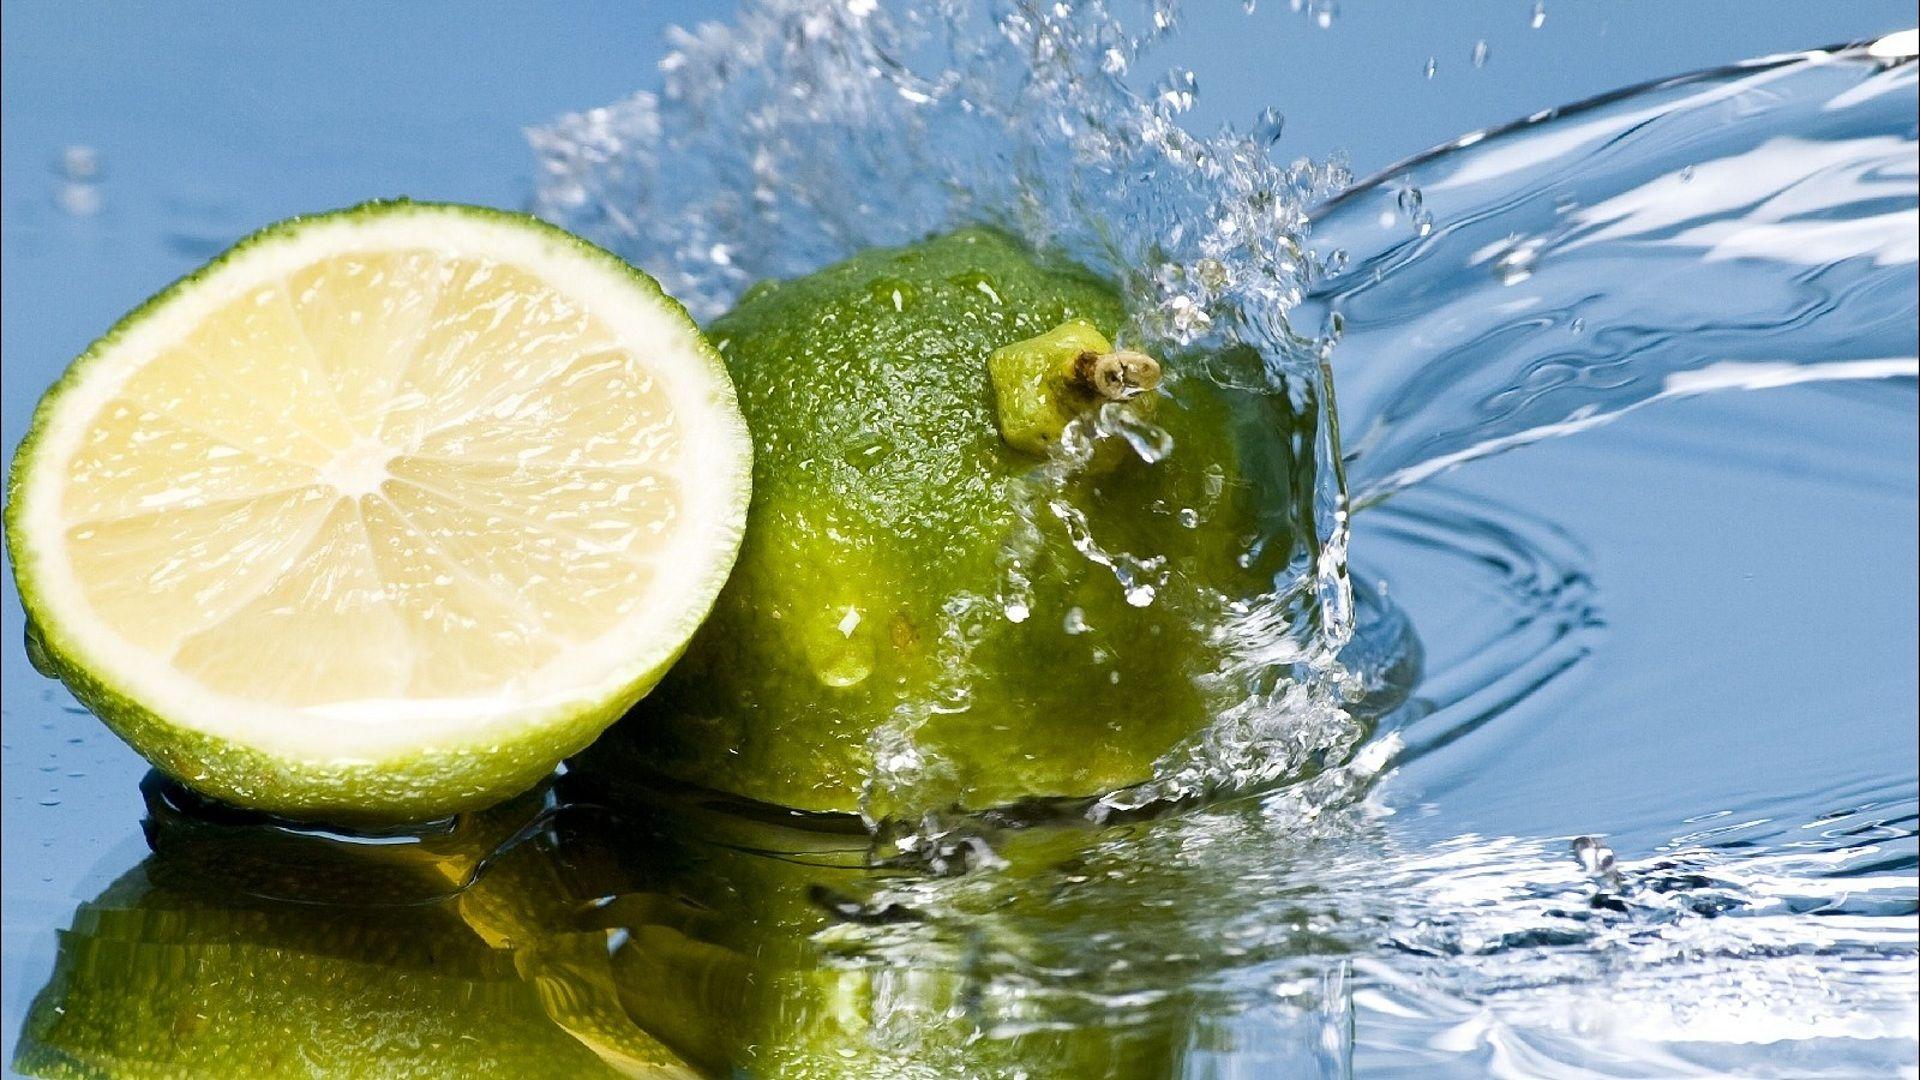 Lime Wallpaper Theme